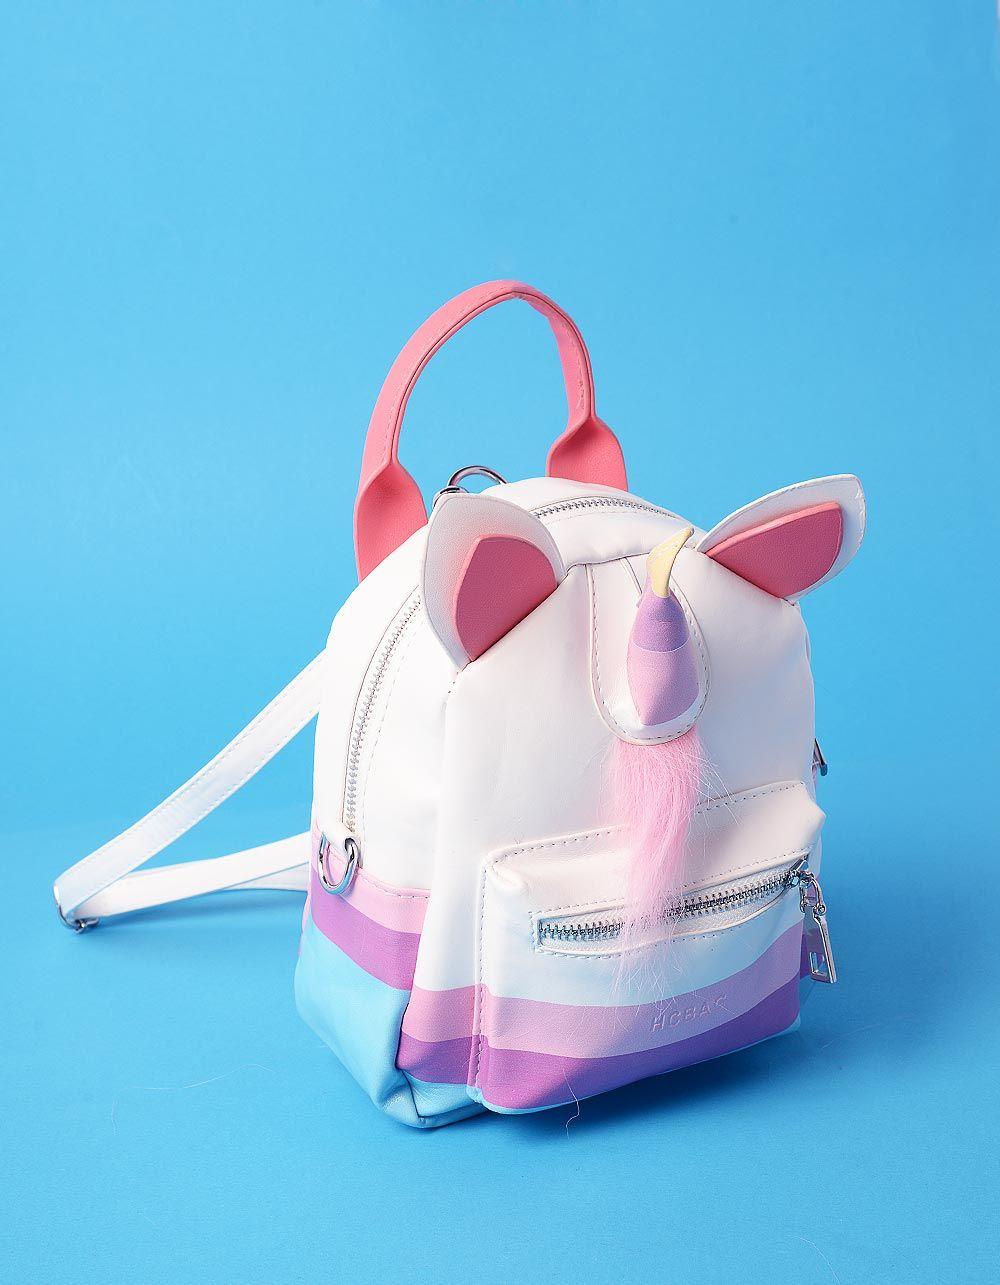 Рюкзак трансформер міні у вигляді єдинорога з вушками   235896-18-XX